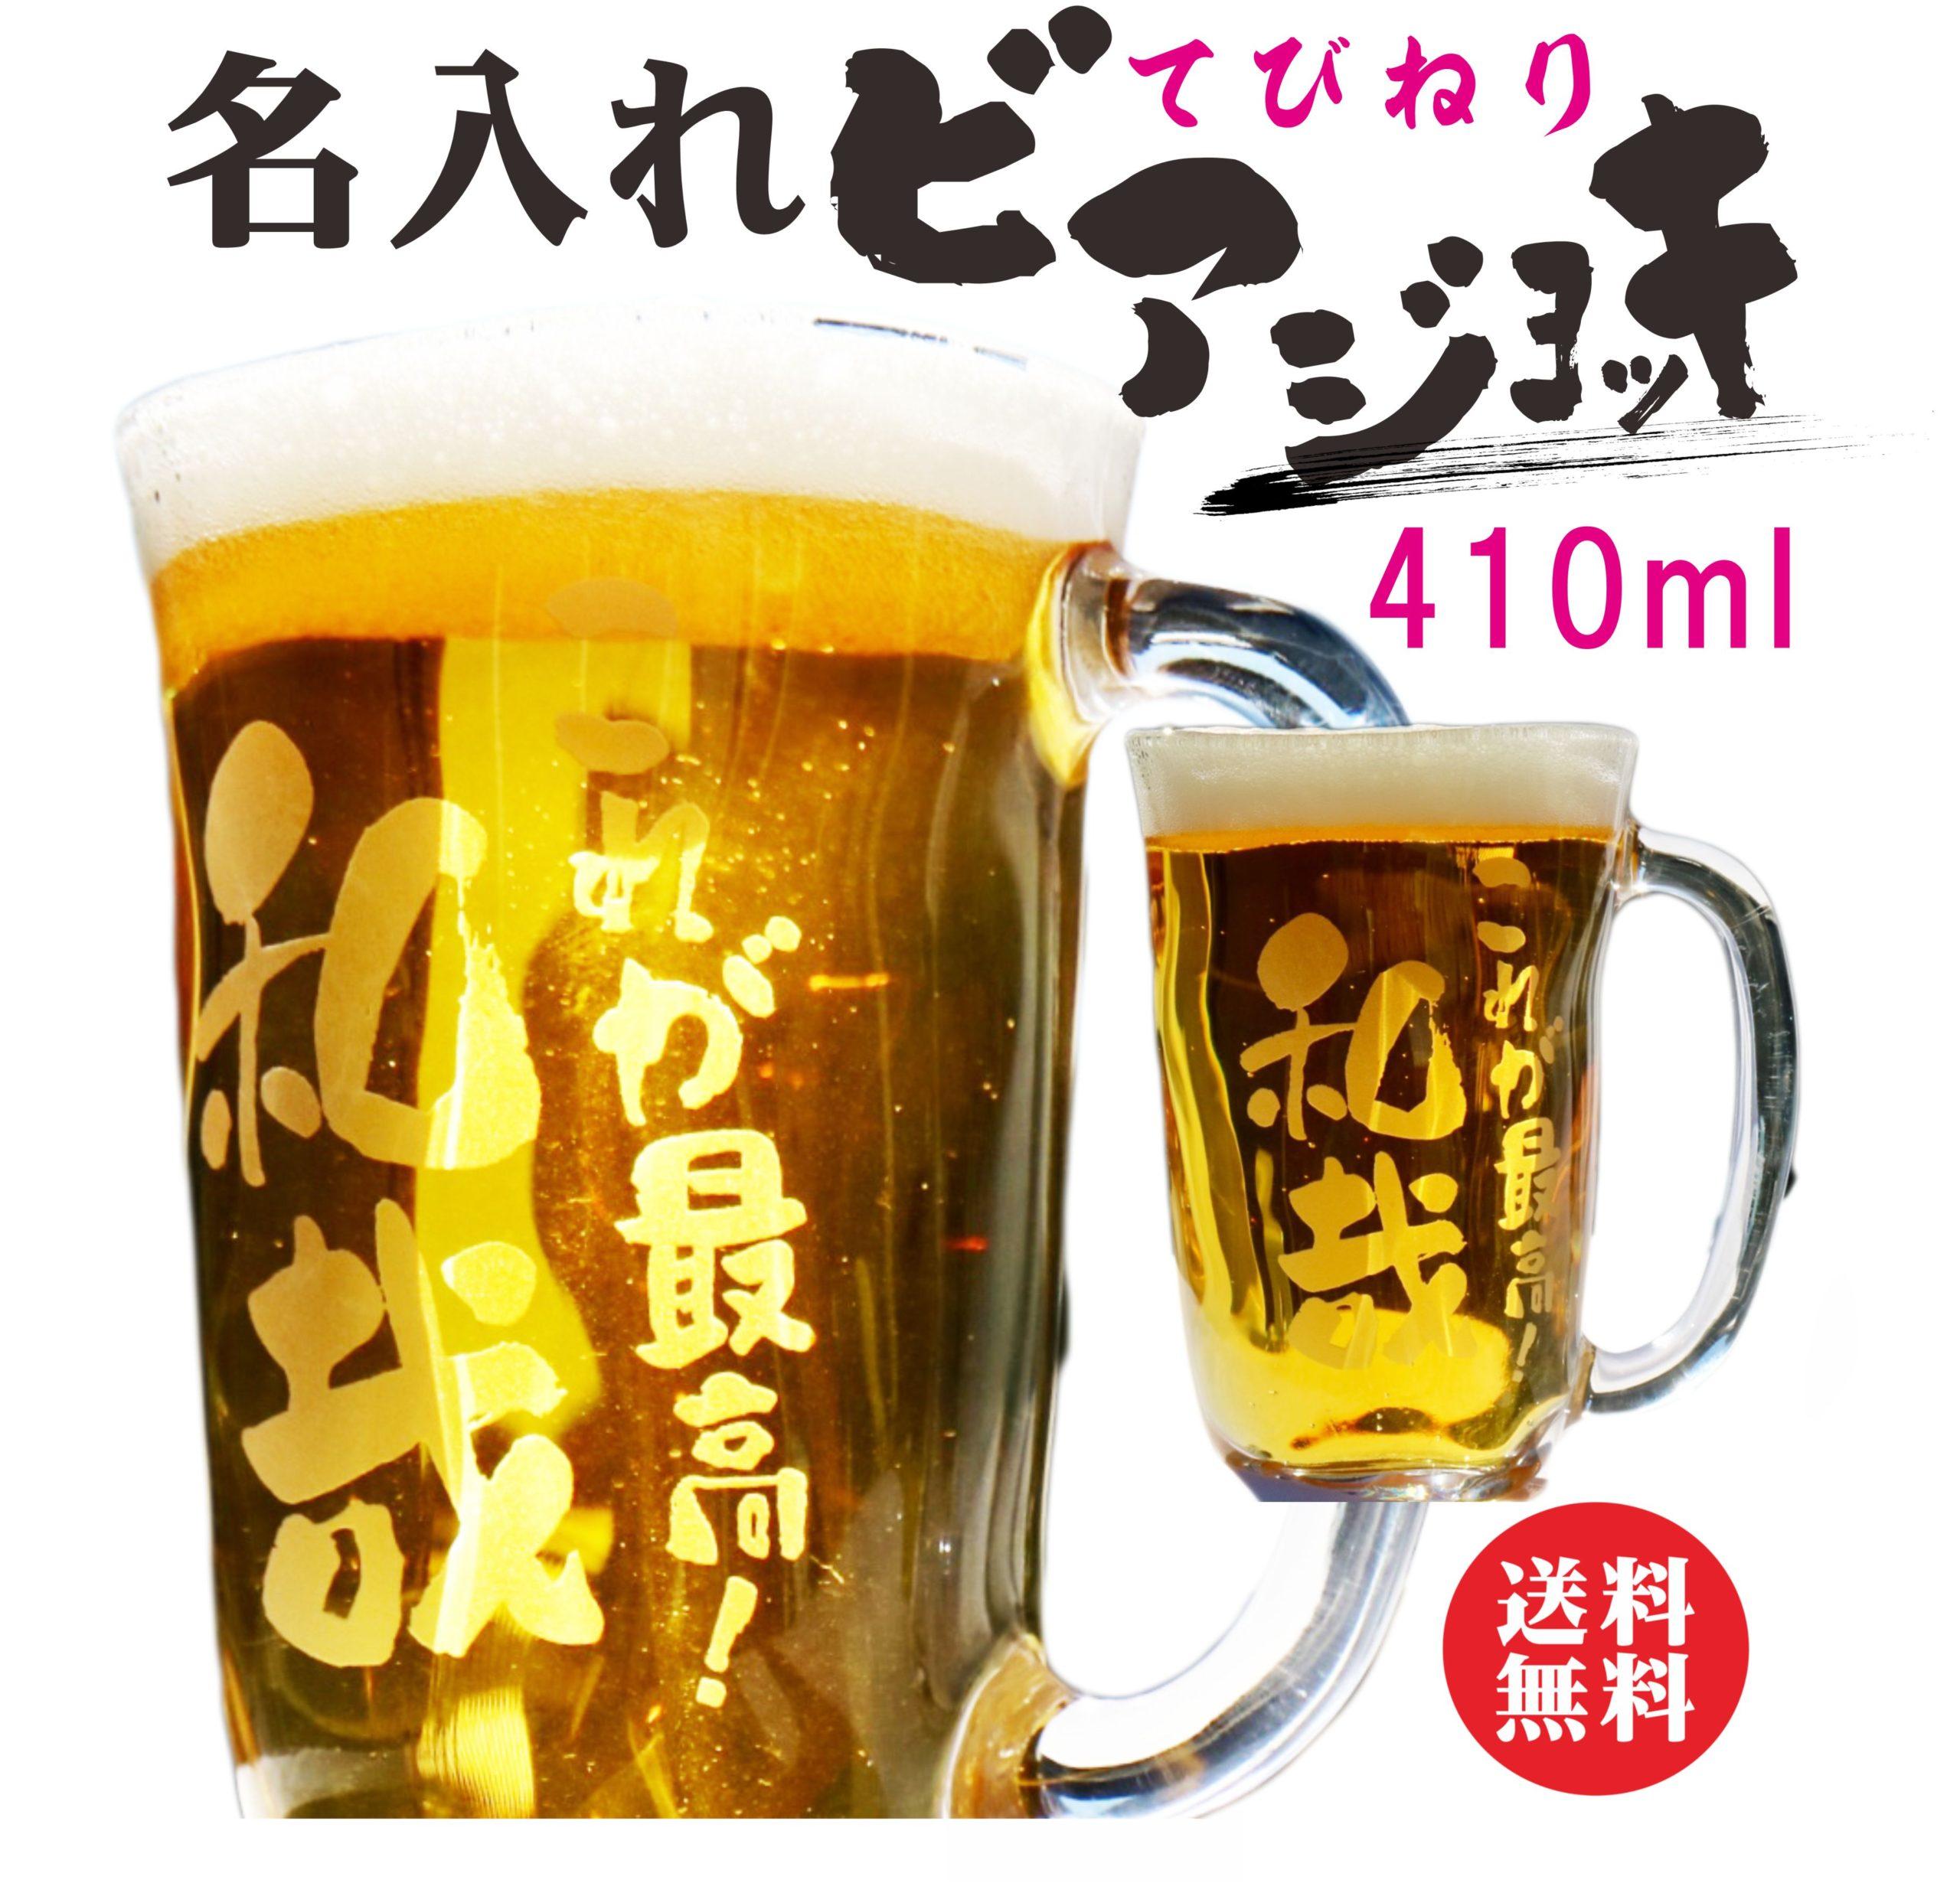 冬だけど、ビールが美味しい~♬ 名入れビアジョッキ!